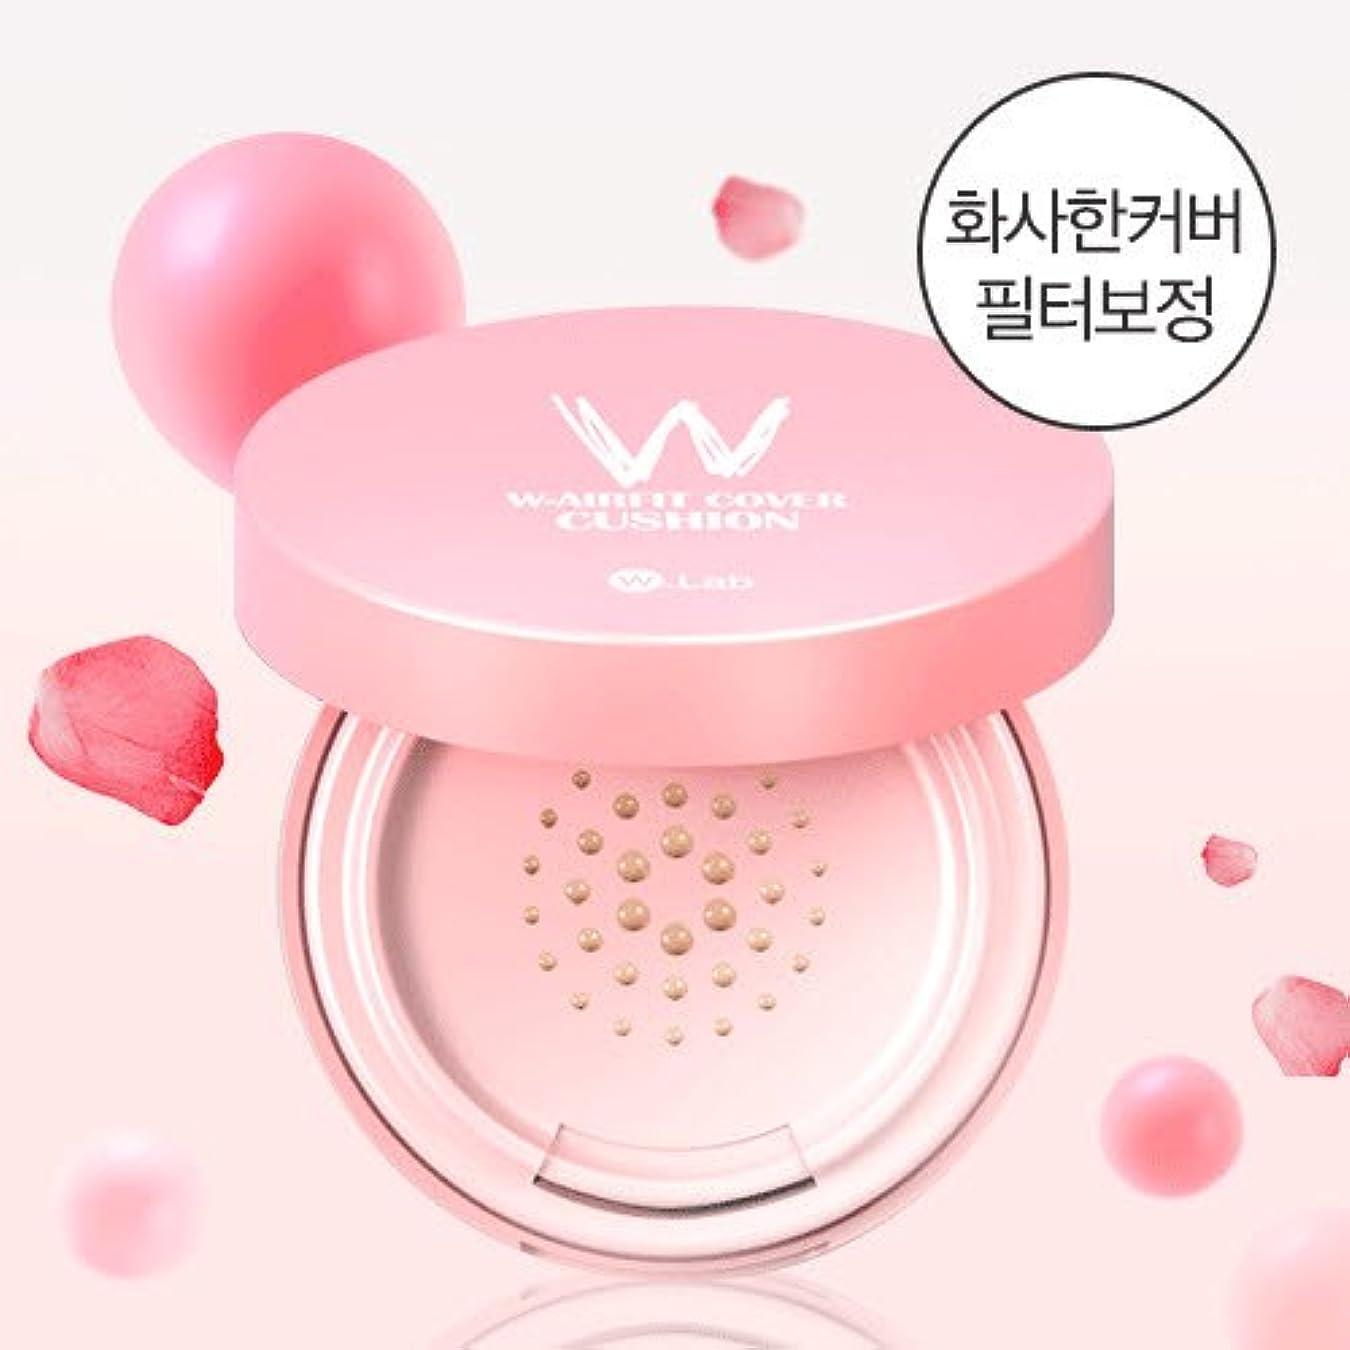 広告海洋ハシーW.Lab(Wラボ) ピンクホールクッション/Pink Hole Cushion (#23) [並行輸入品]